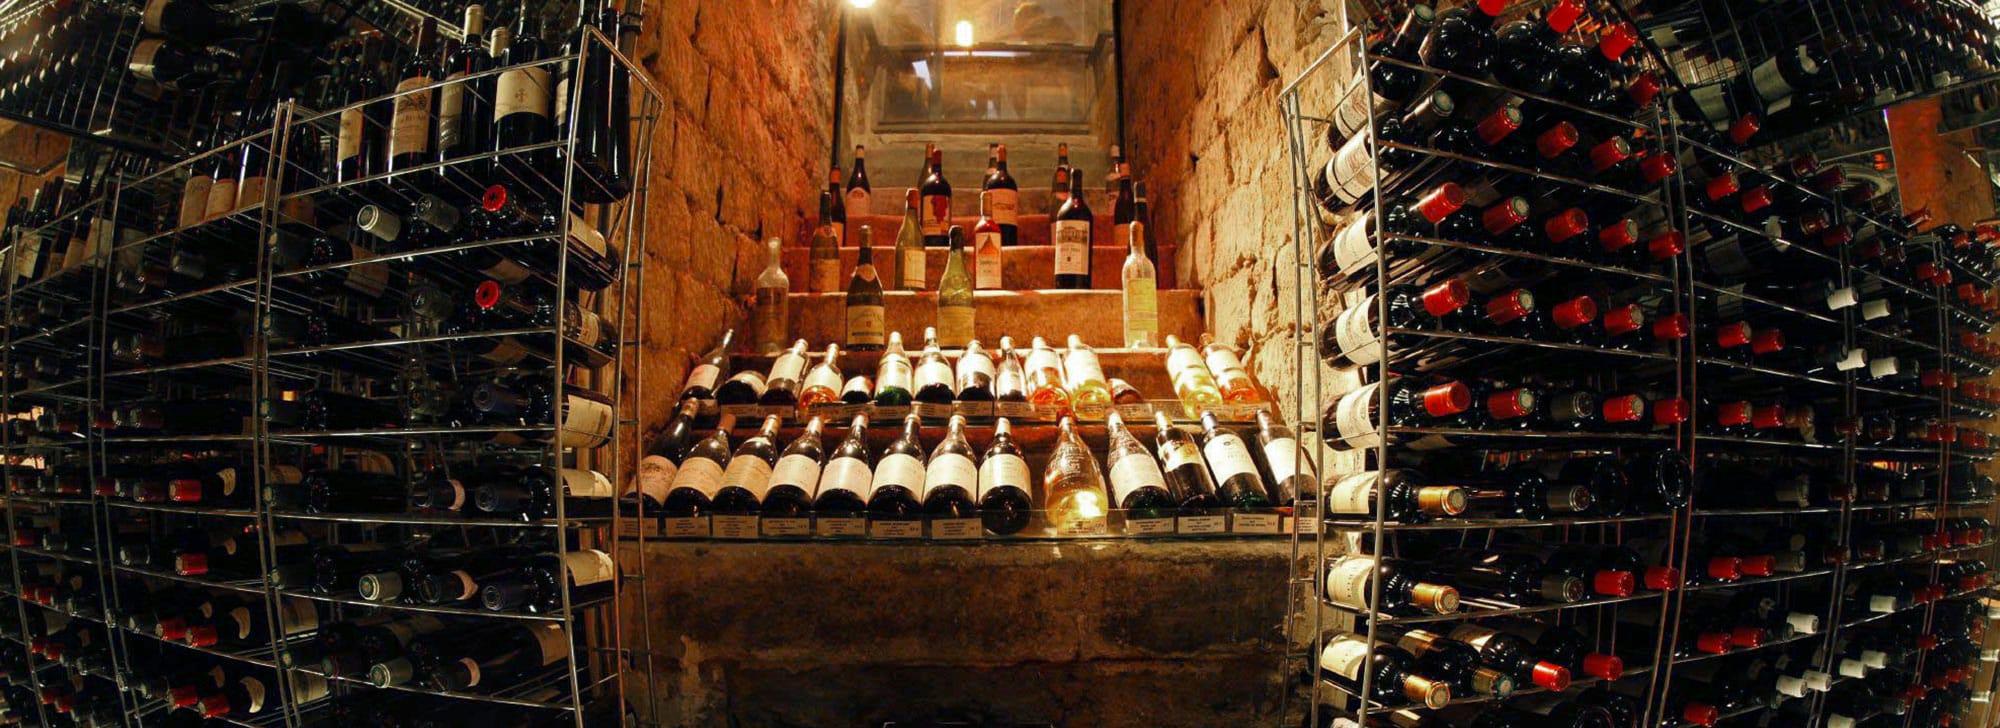 restaurant-cave-a-vin-chai33-5